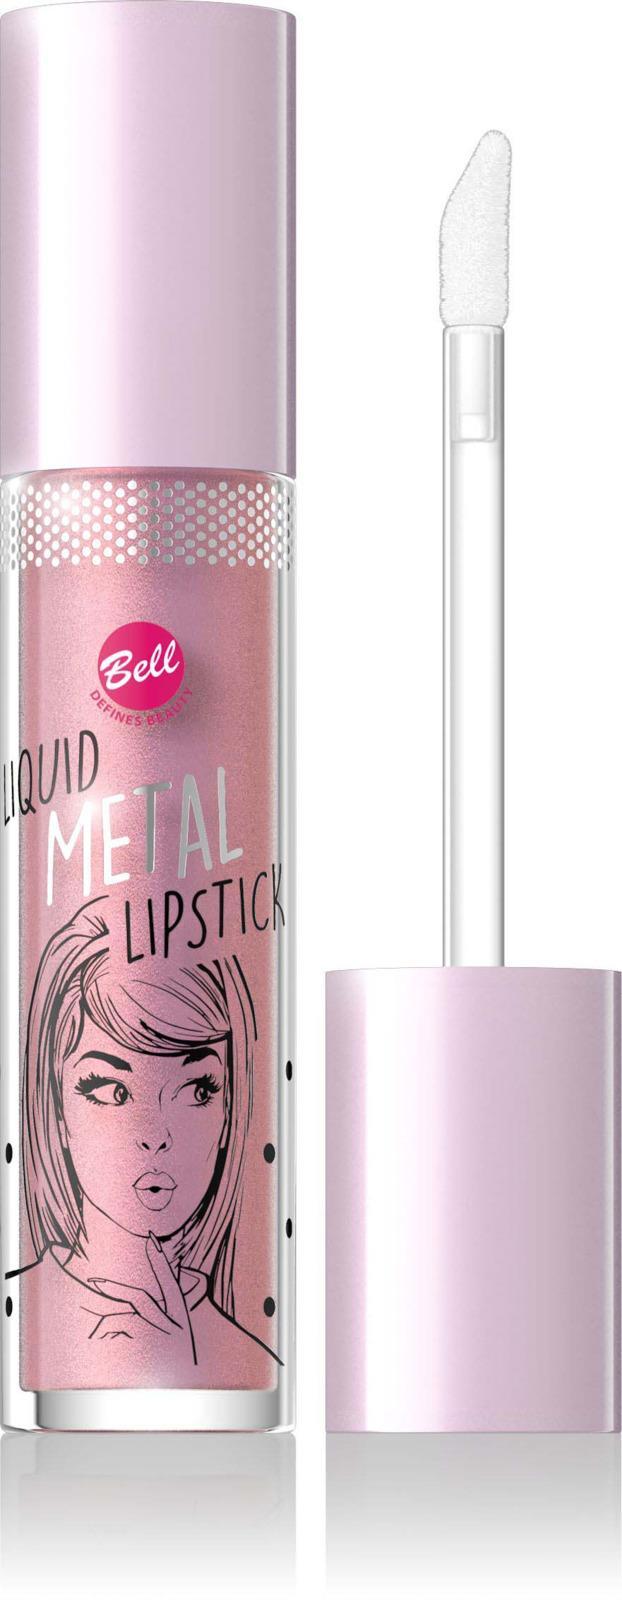 Помада жидкая с эффектом металлик Bell Liquid Metal Lipstick, тон №01 помада жидкая с эффектом металлик bell liquid metal lipstick тон 03